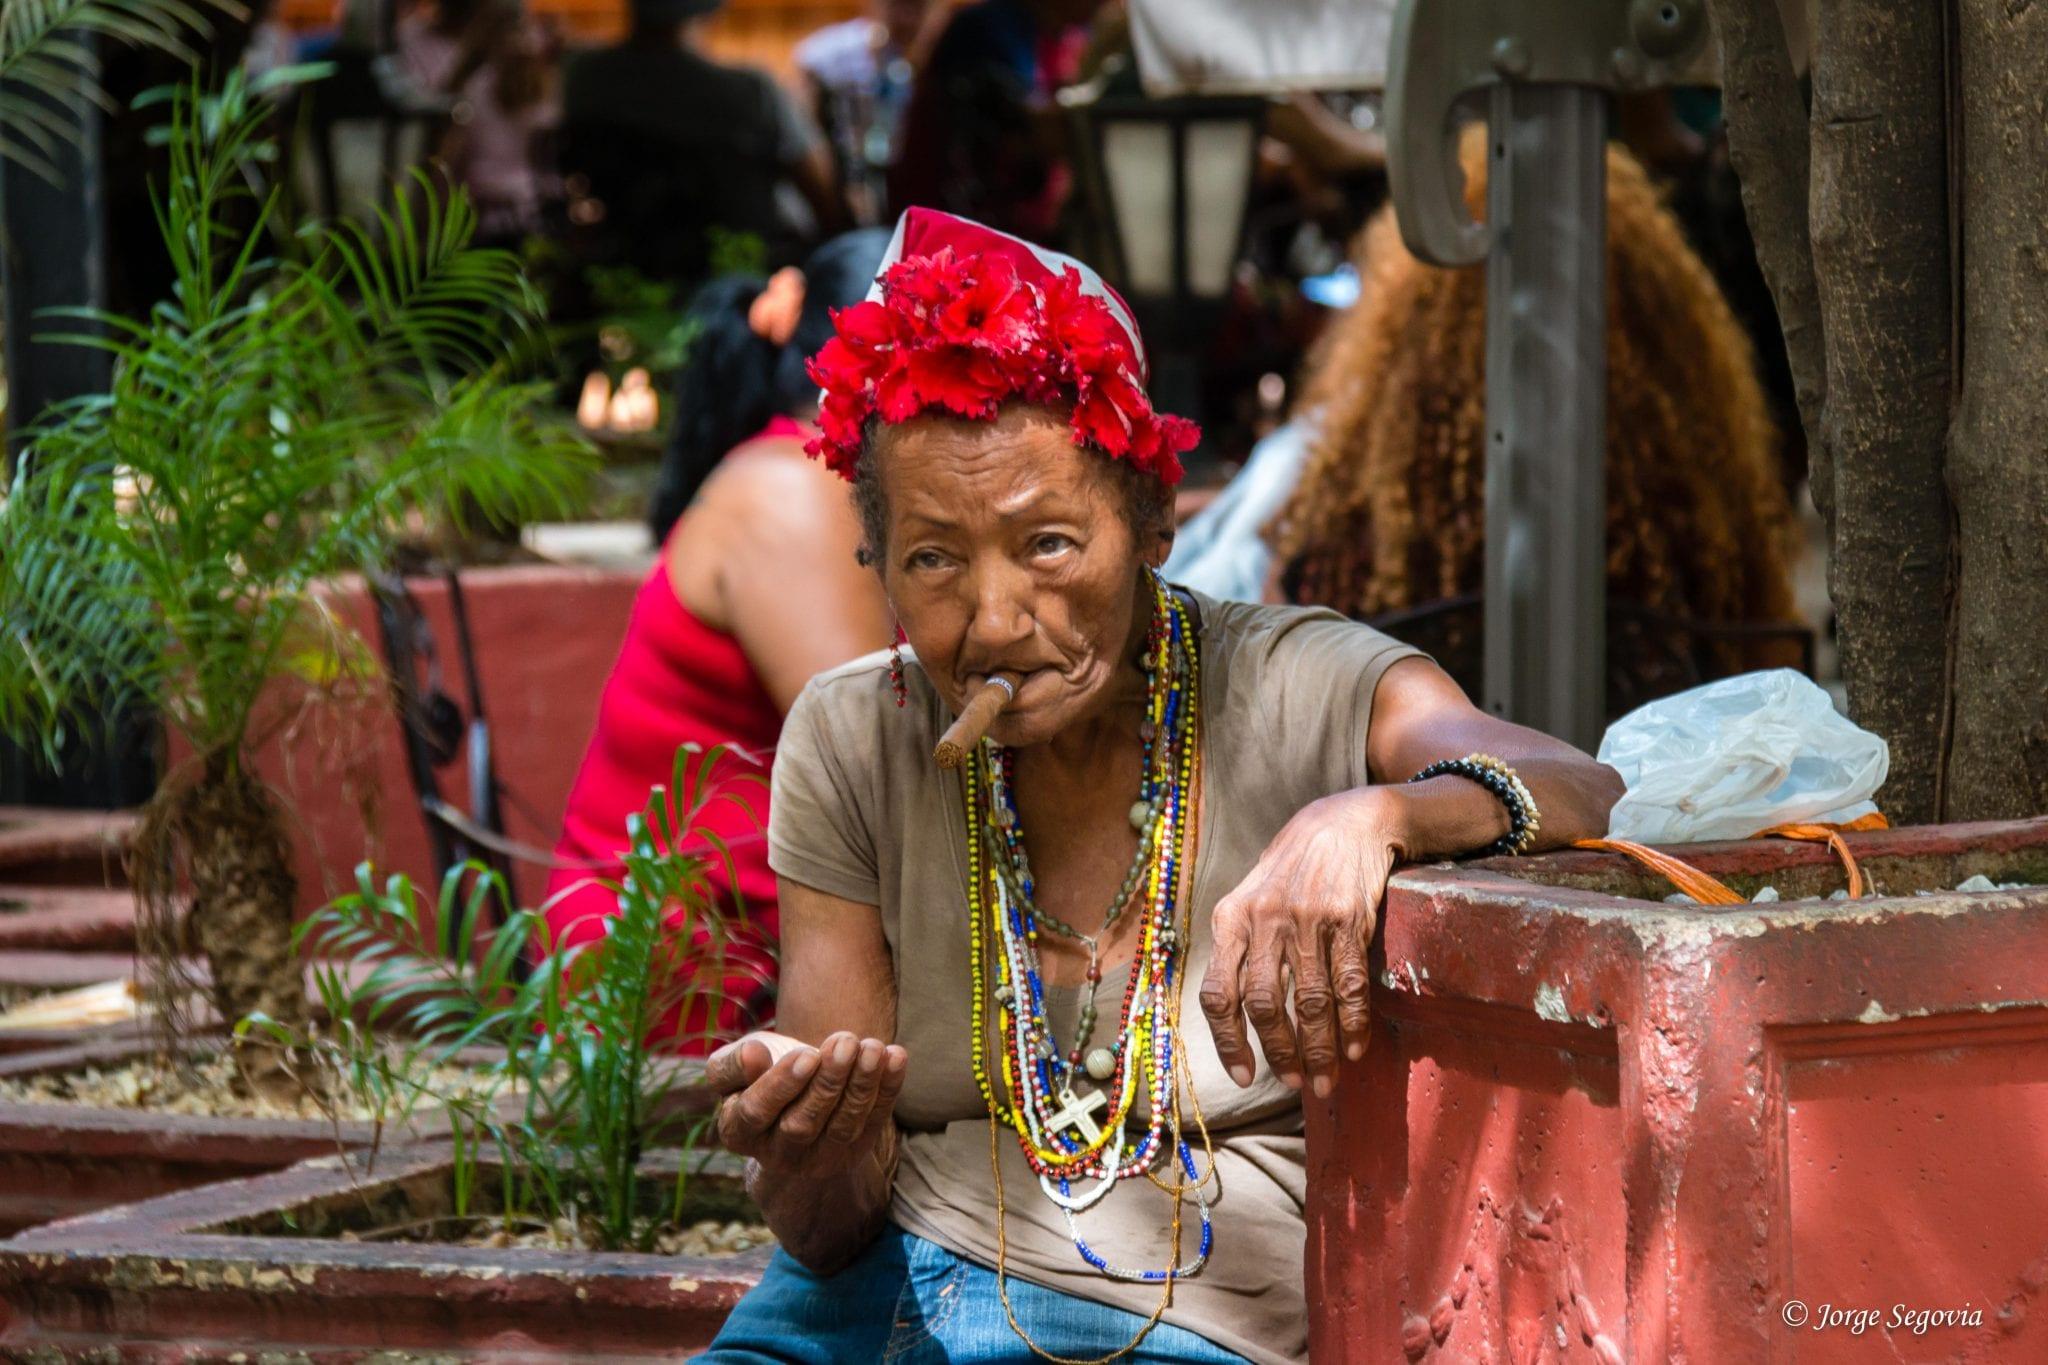 Fumadora en La Habana